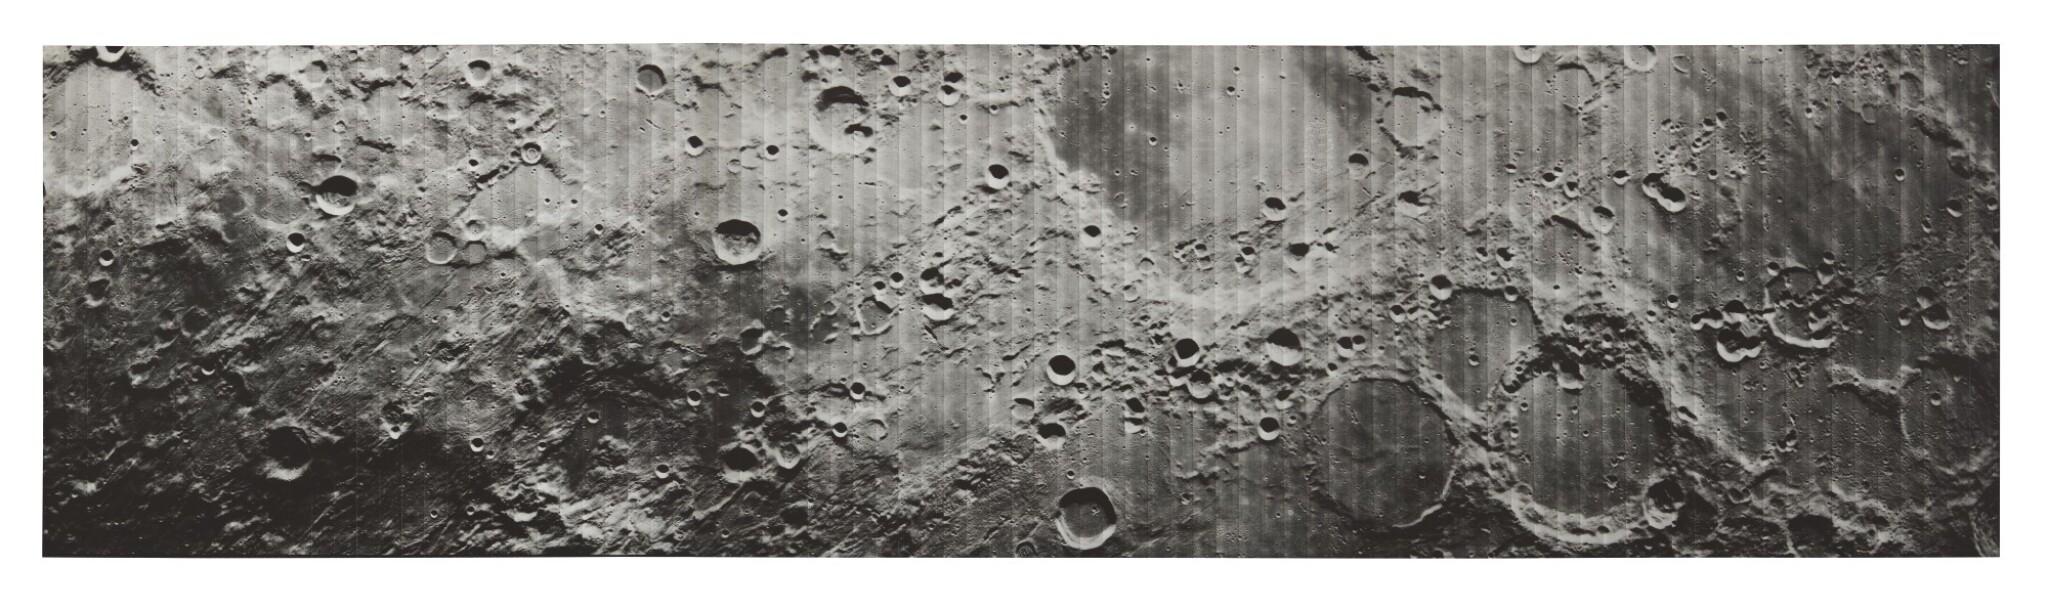 LUNAR ORBITER IV. CRATER SCHICKARD AND ENVIRONS, 1967.